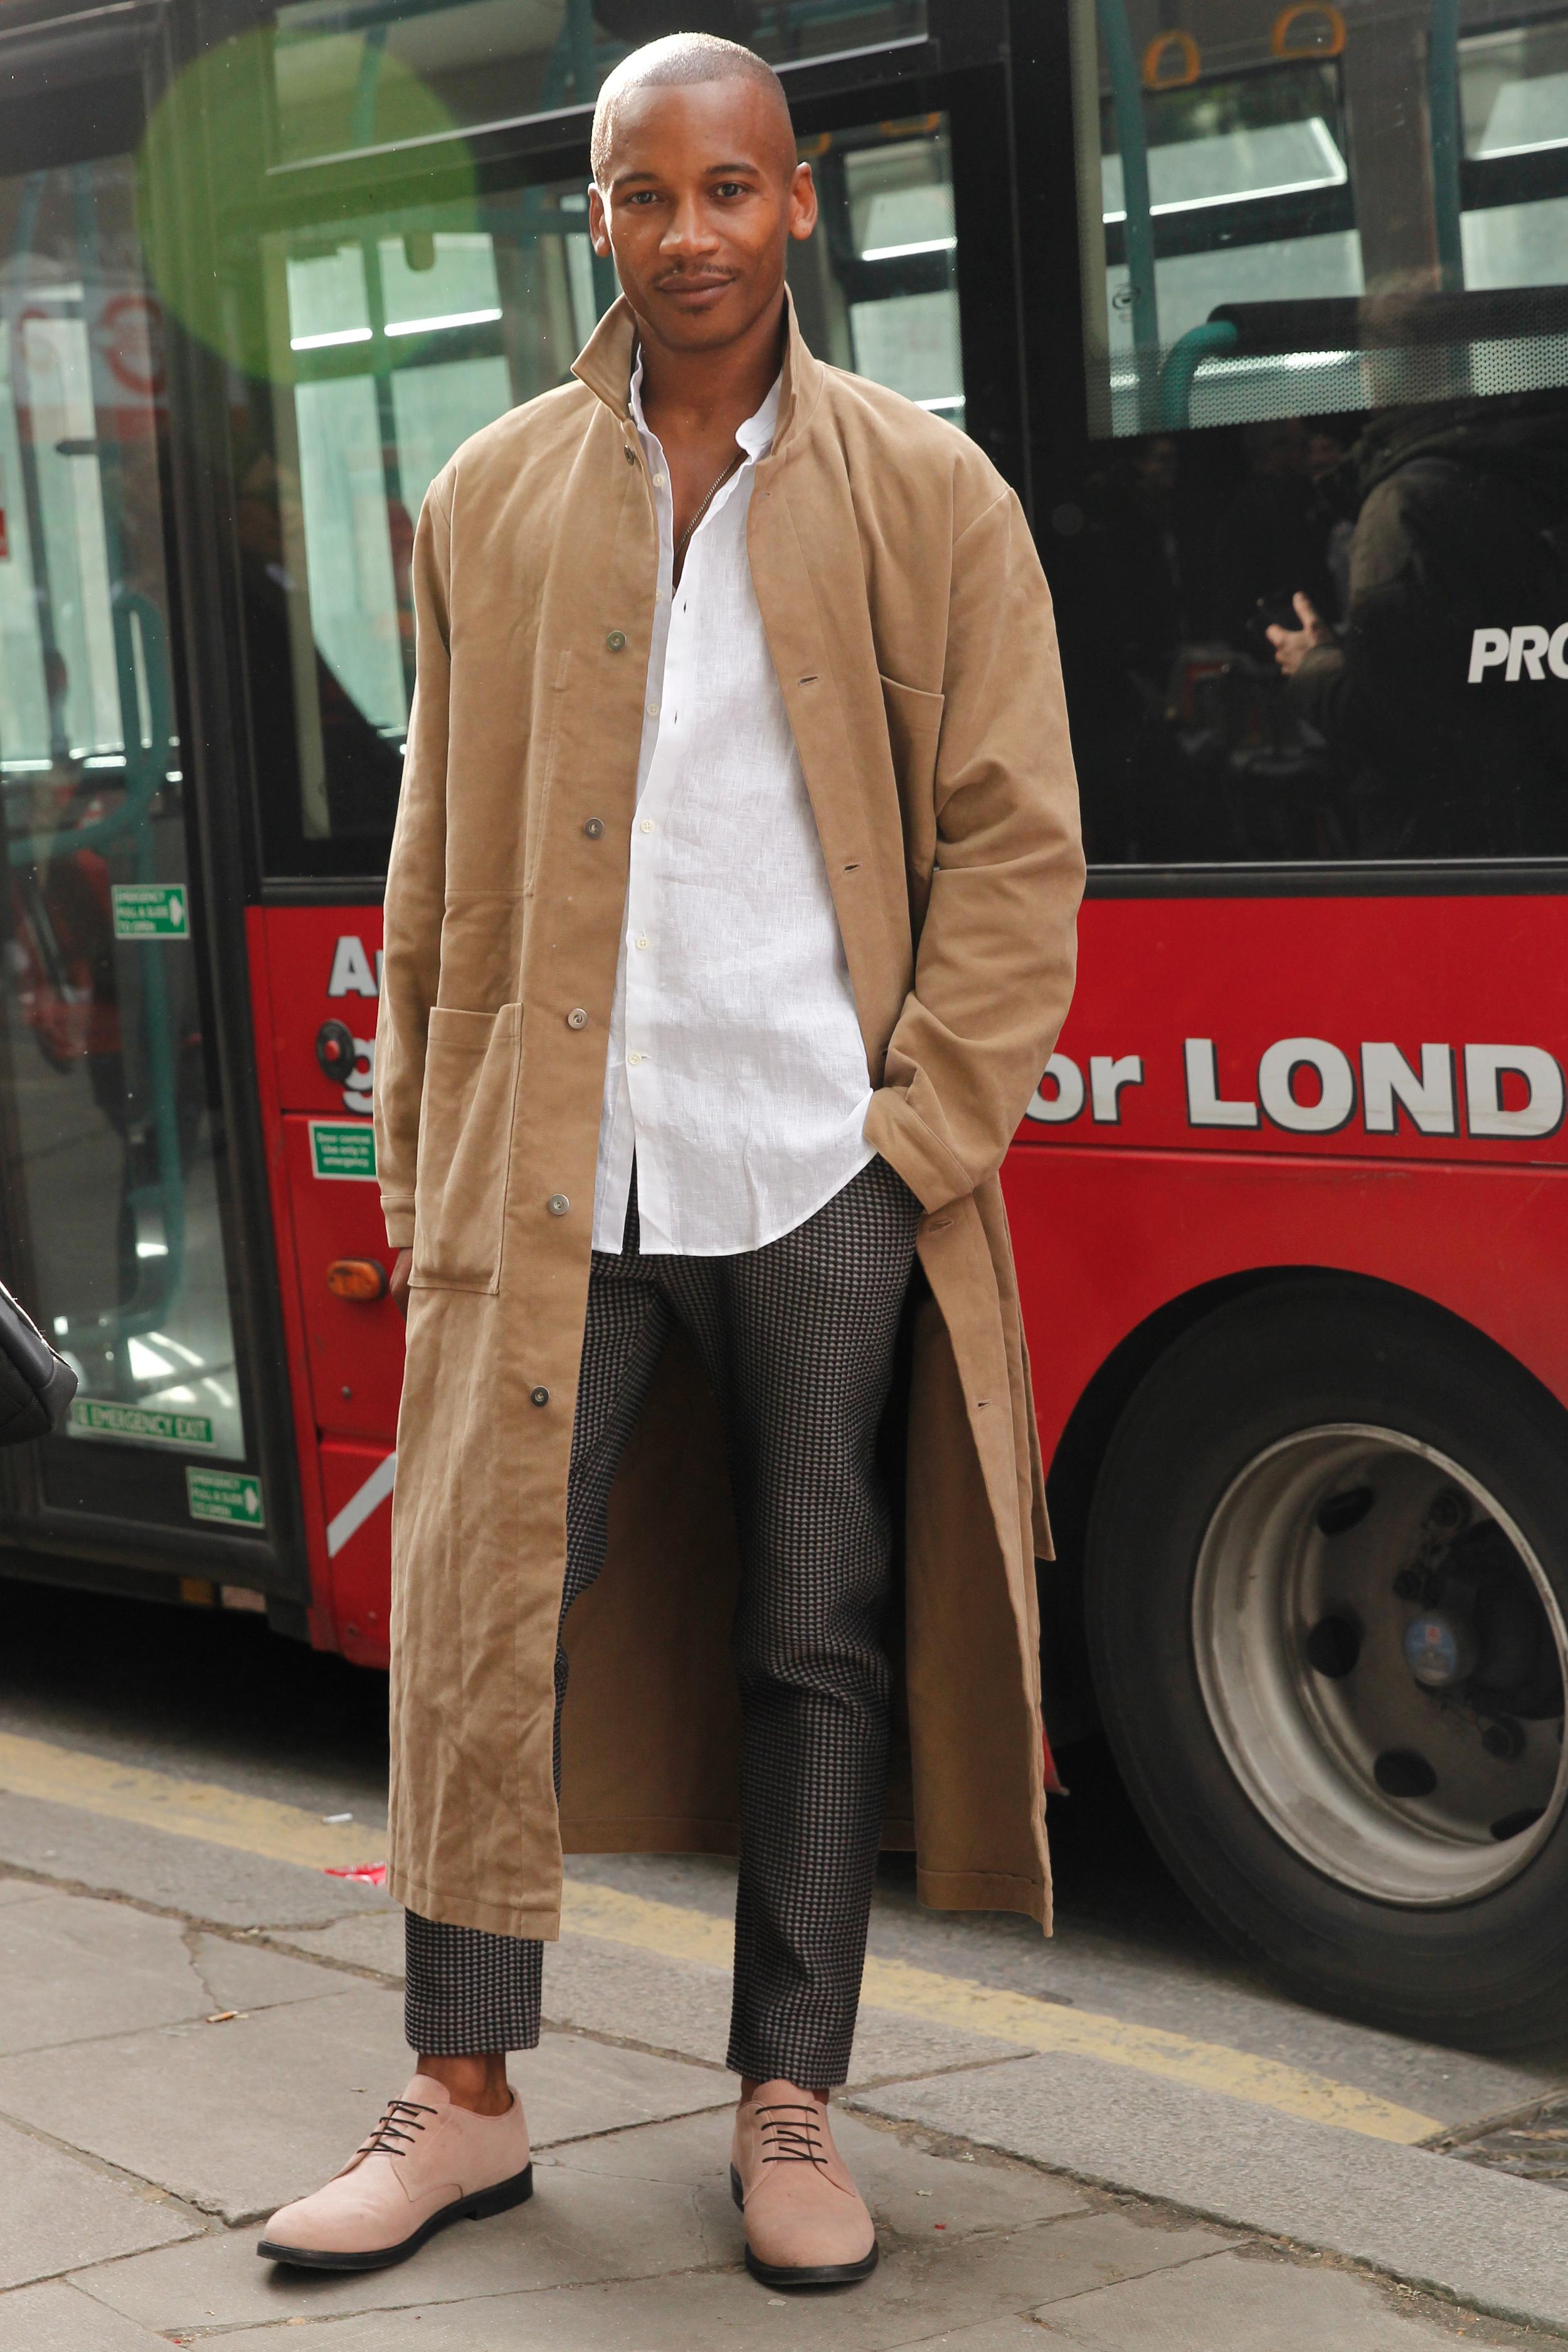 Street Style London: Ein Mann trägt zum langen braunen Mantel eine gemusterte Hose und ein einfaches Leinenhemd in Weiß